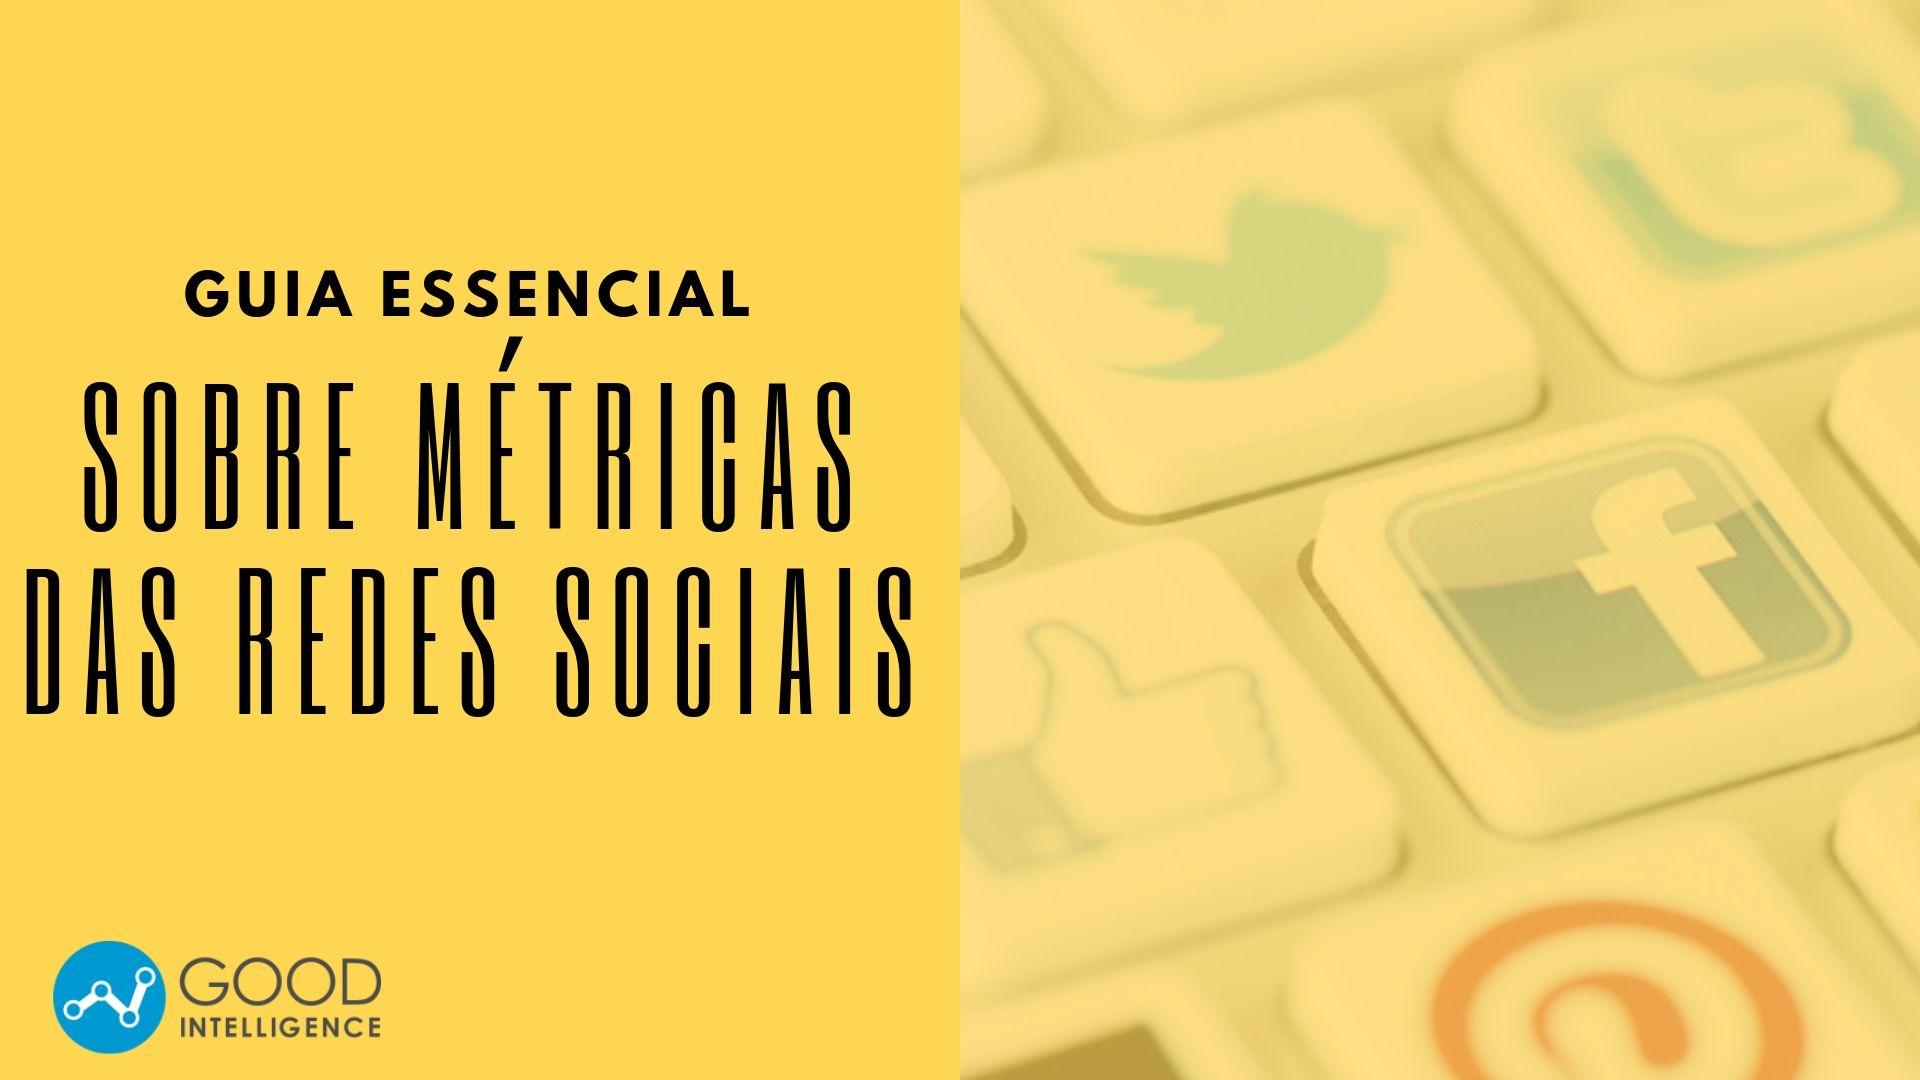 Guia essencial sobre métricas das Redes Sociais